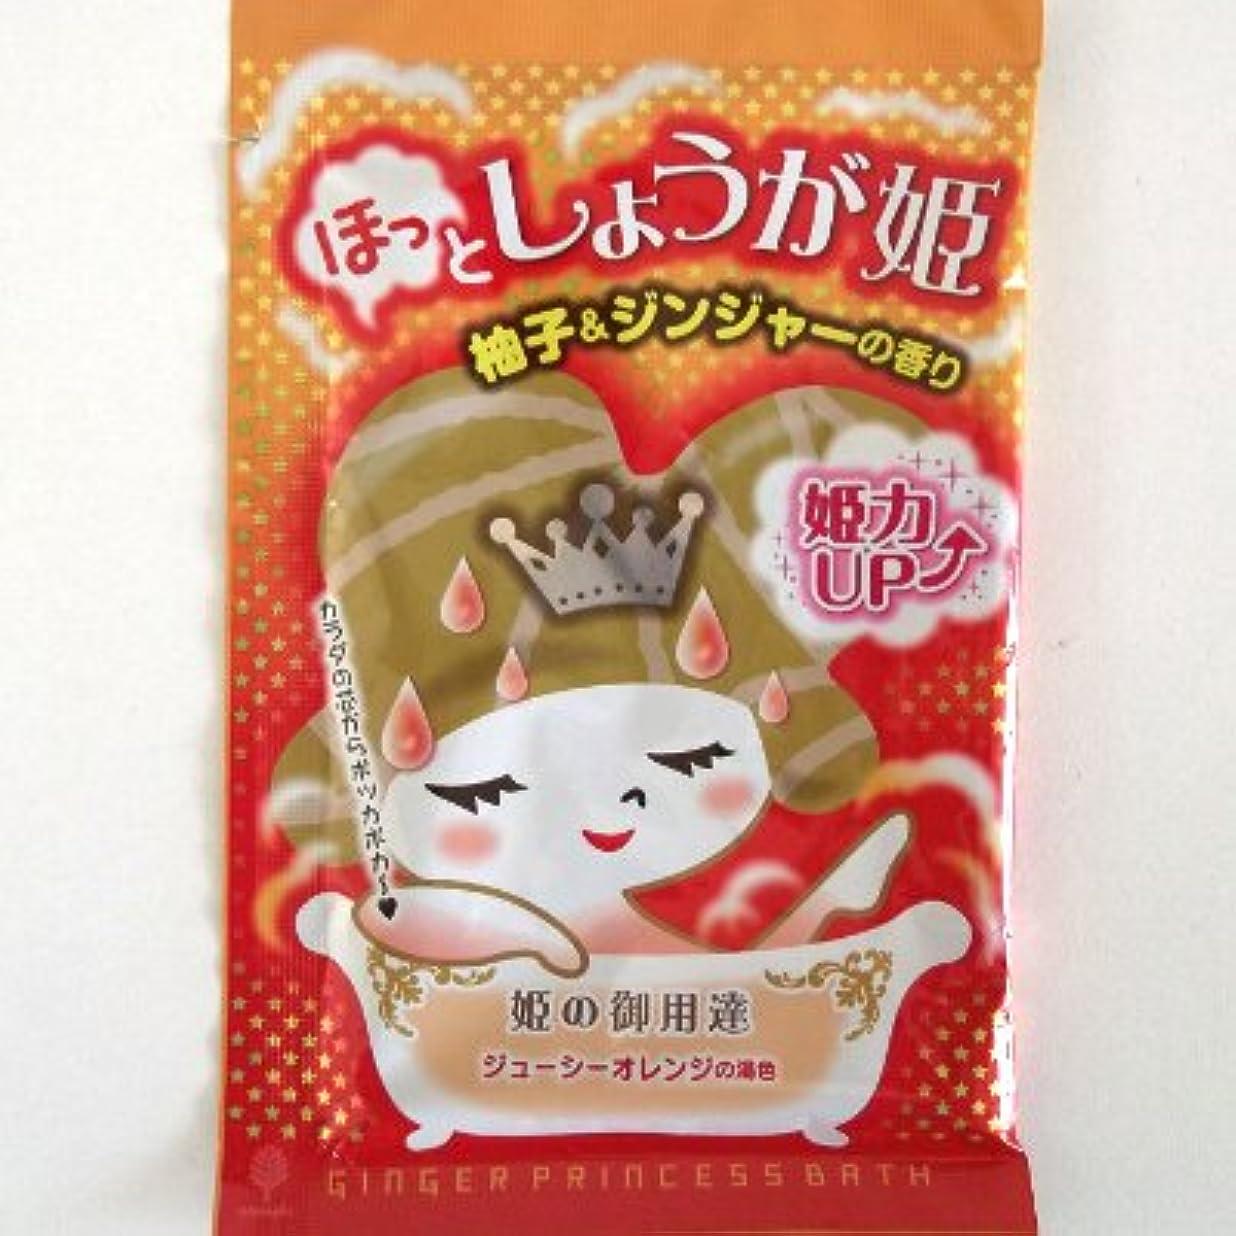 彫る混合邪魔するほっとしょうが姫 柚子&ジンジャーの香り